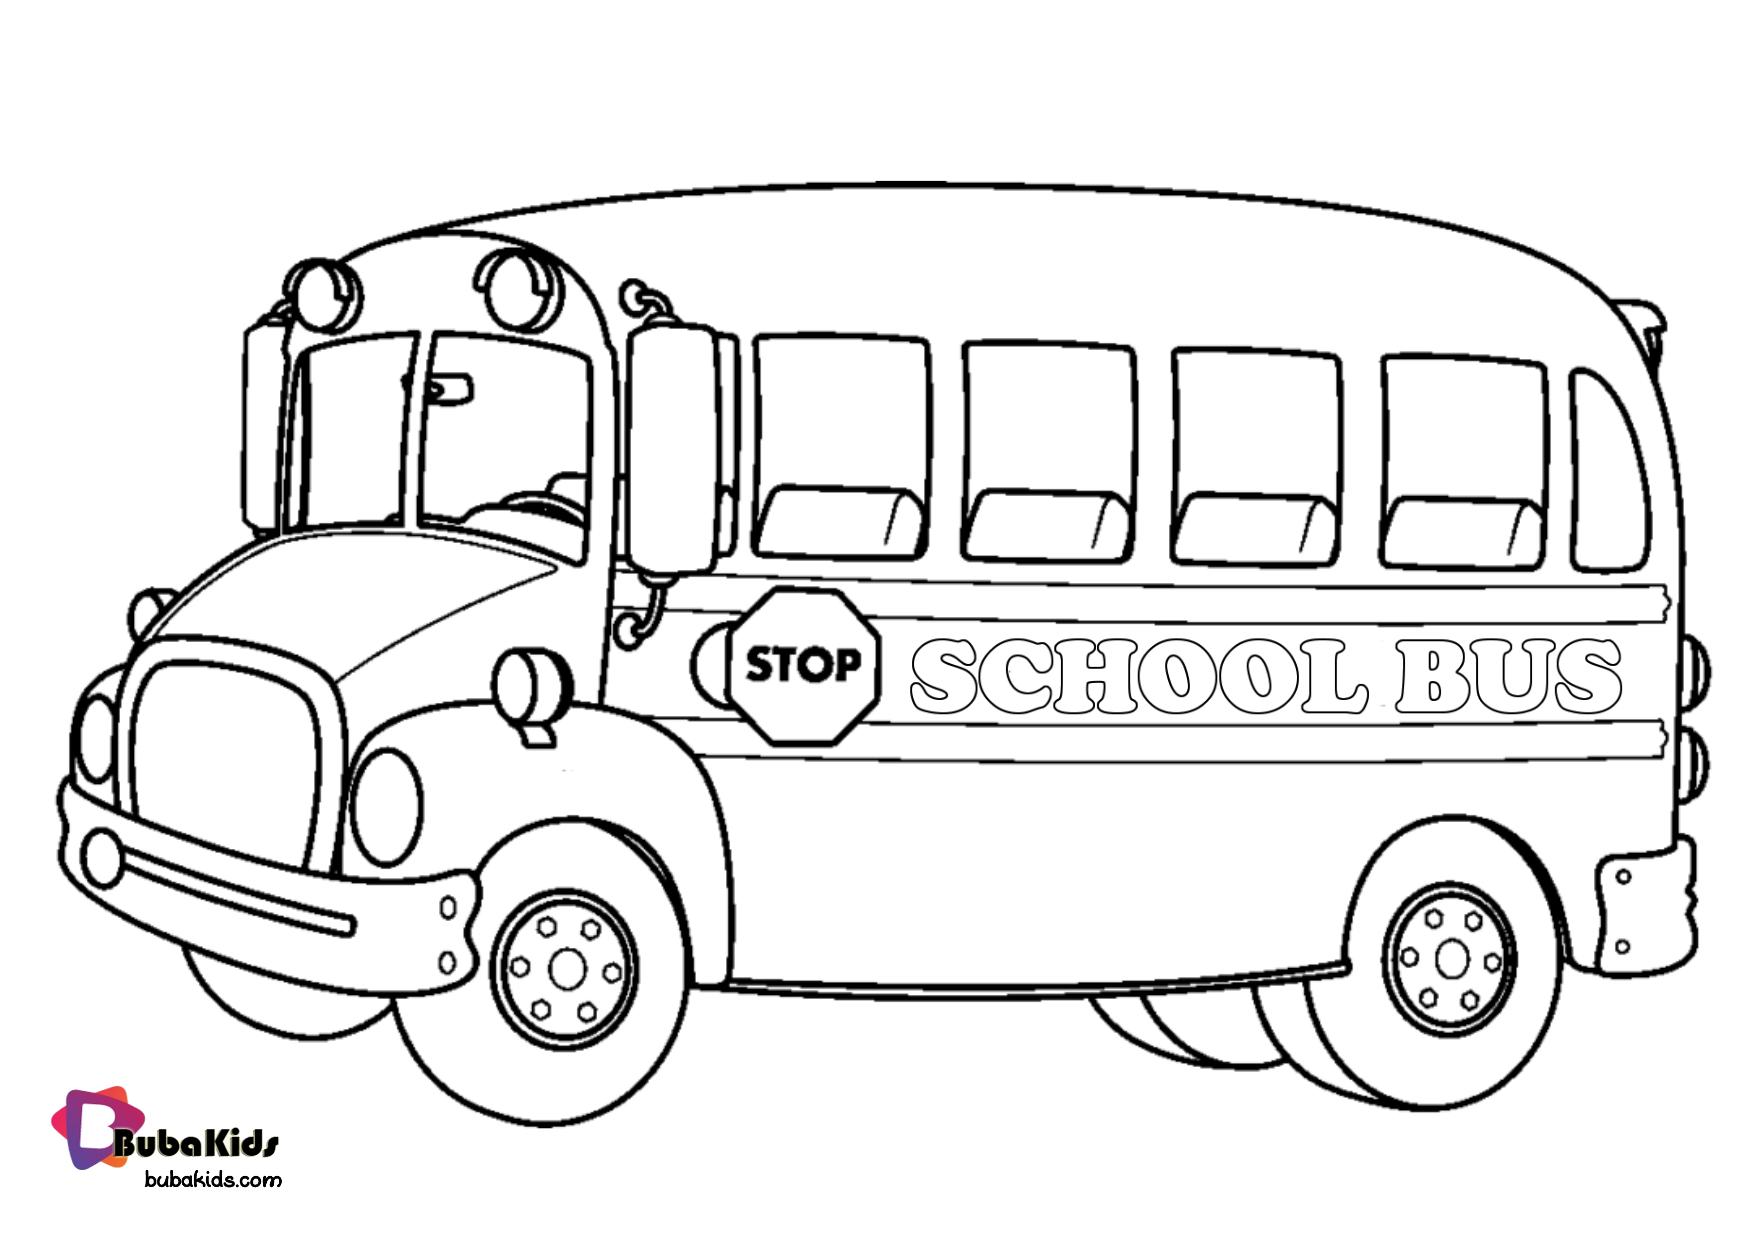 School Bus Coloring Page Bubakids Com School Bus Transportation Bubakidscom Schoolbus School Coloring Pages Preschool Coloring Pages School Bus Crafts